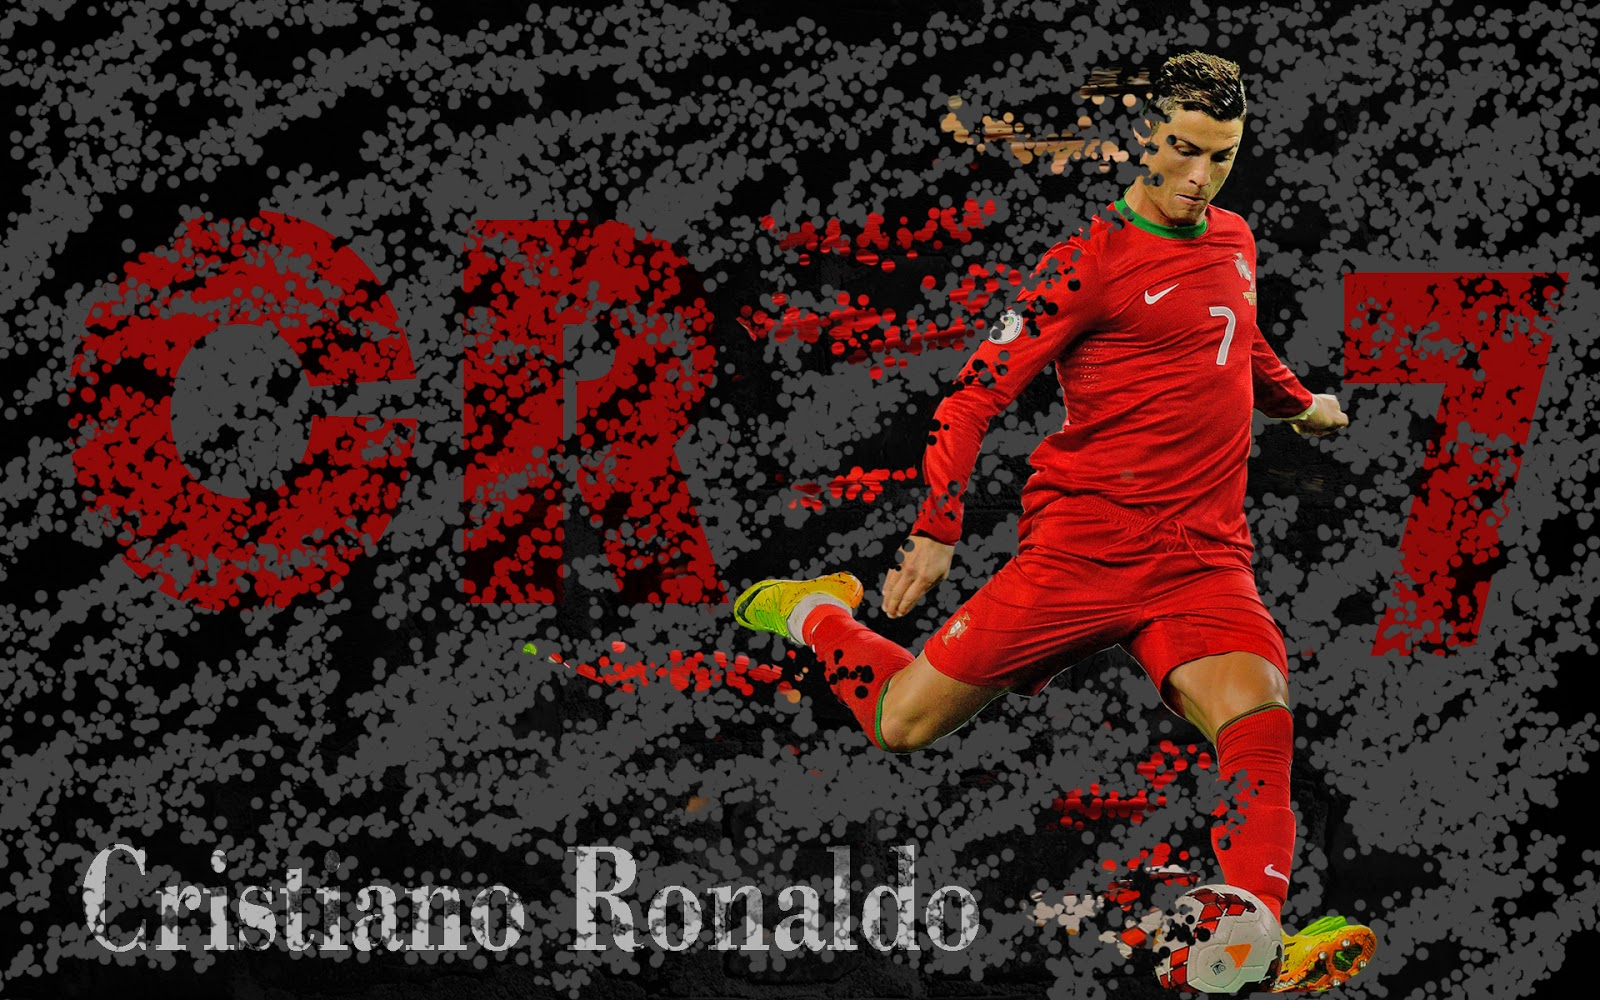 Cristiano Ronaldo Cristiano Ronaldo Wallpaper New Cristiano Ronaldo 2016 Cristiano Ronaldo Free